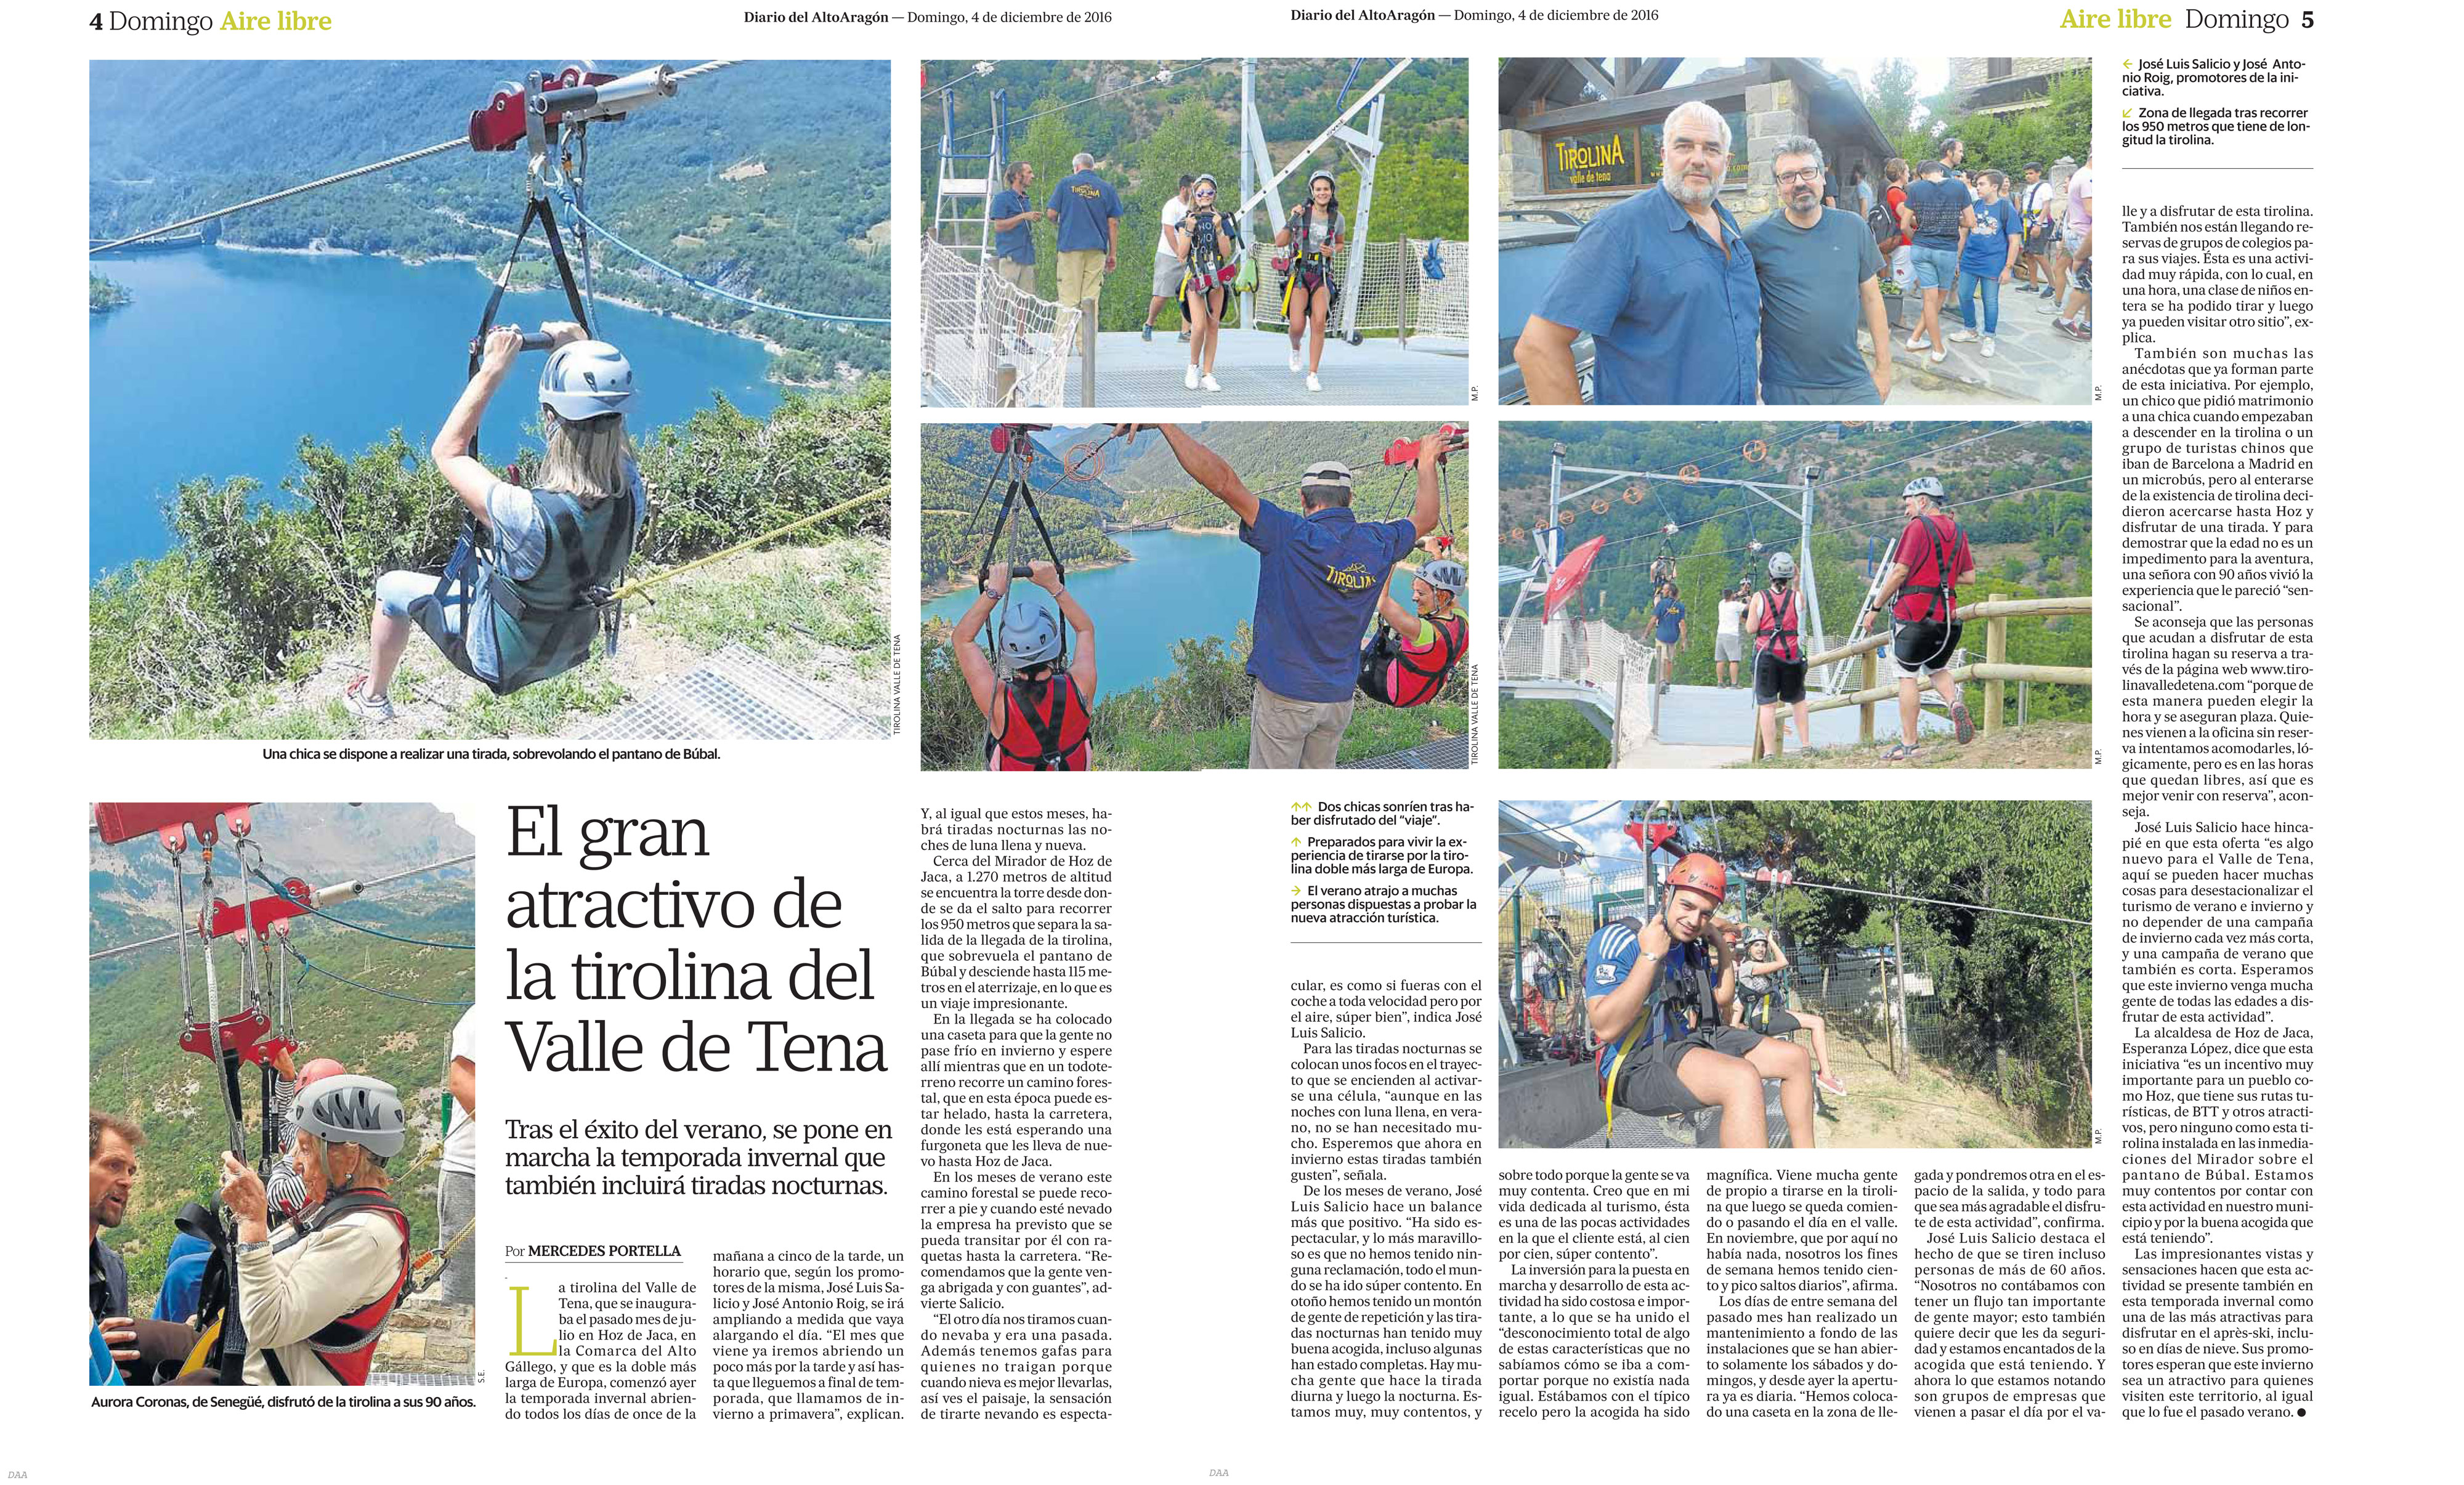 La Tirolina del Valle de Tena en el Diario del Altoaragón